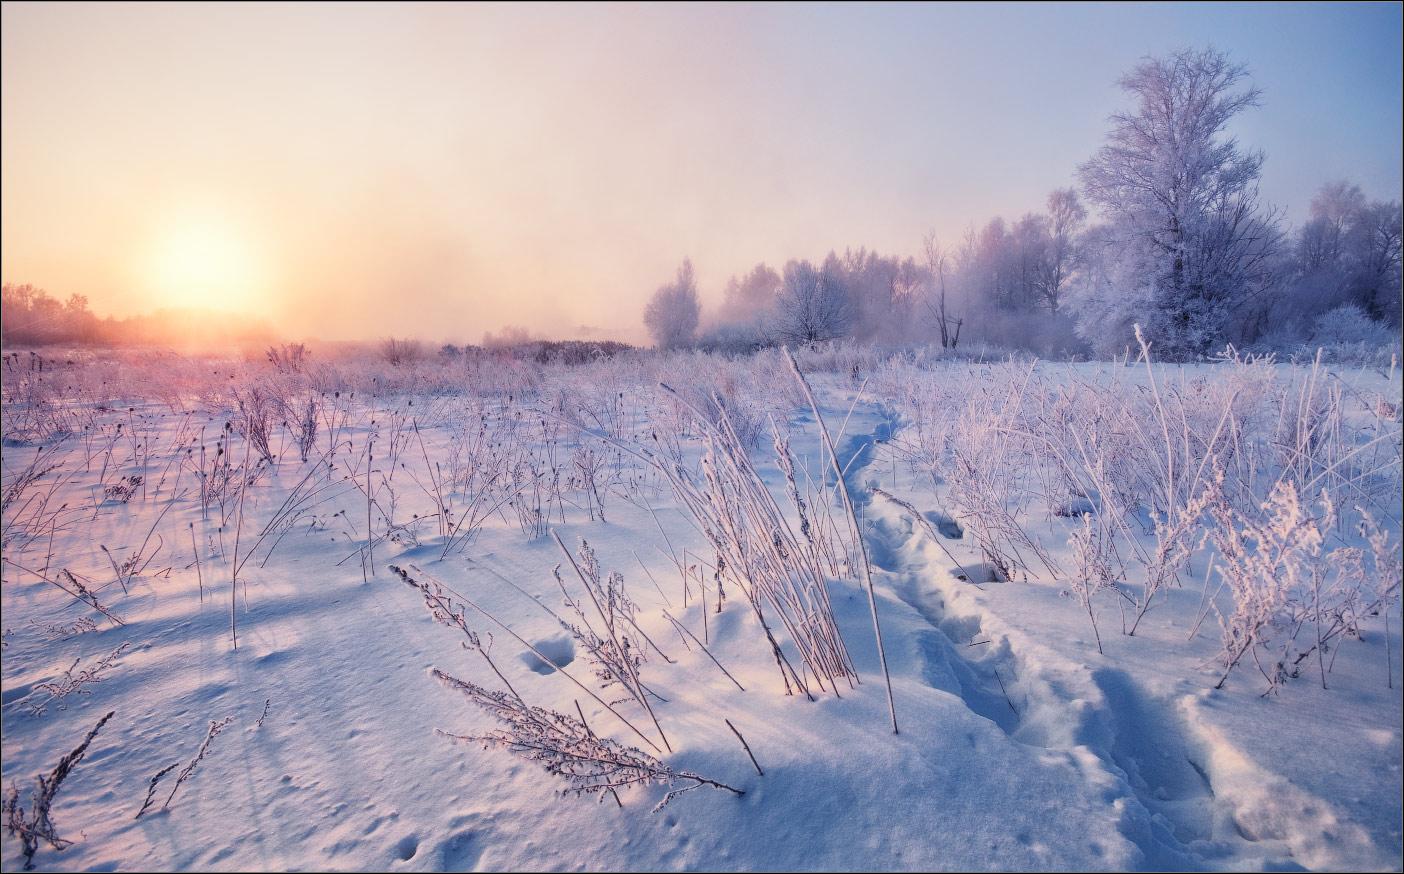 Snowy field | snow, field, forest, sun